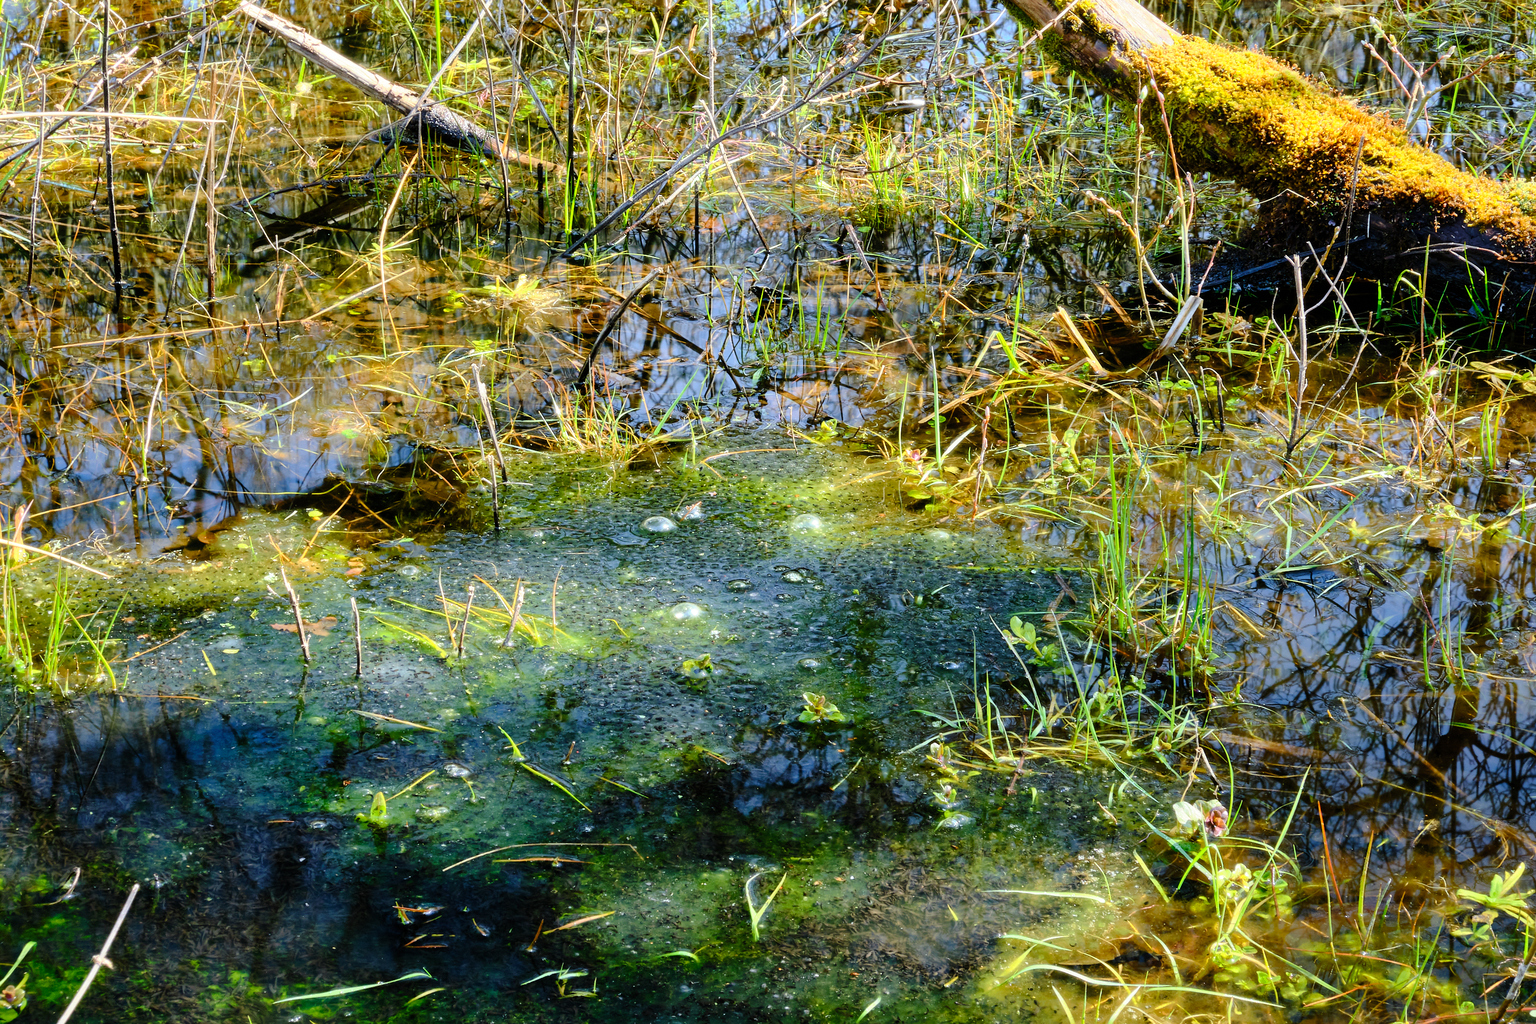 Er groeit iets in de vennetjes (2) - Meijendel - foto door Eugenio op 12-04-2021 - deze foto bevat: natuur, landschap, vennetje, kikker, natuurlijk landschap, afdeling, mensen in de natuur, fluviatiele landvormen van beken, vegetatie, terrestrische plant, waterloop, gras, water, bodembedekker